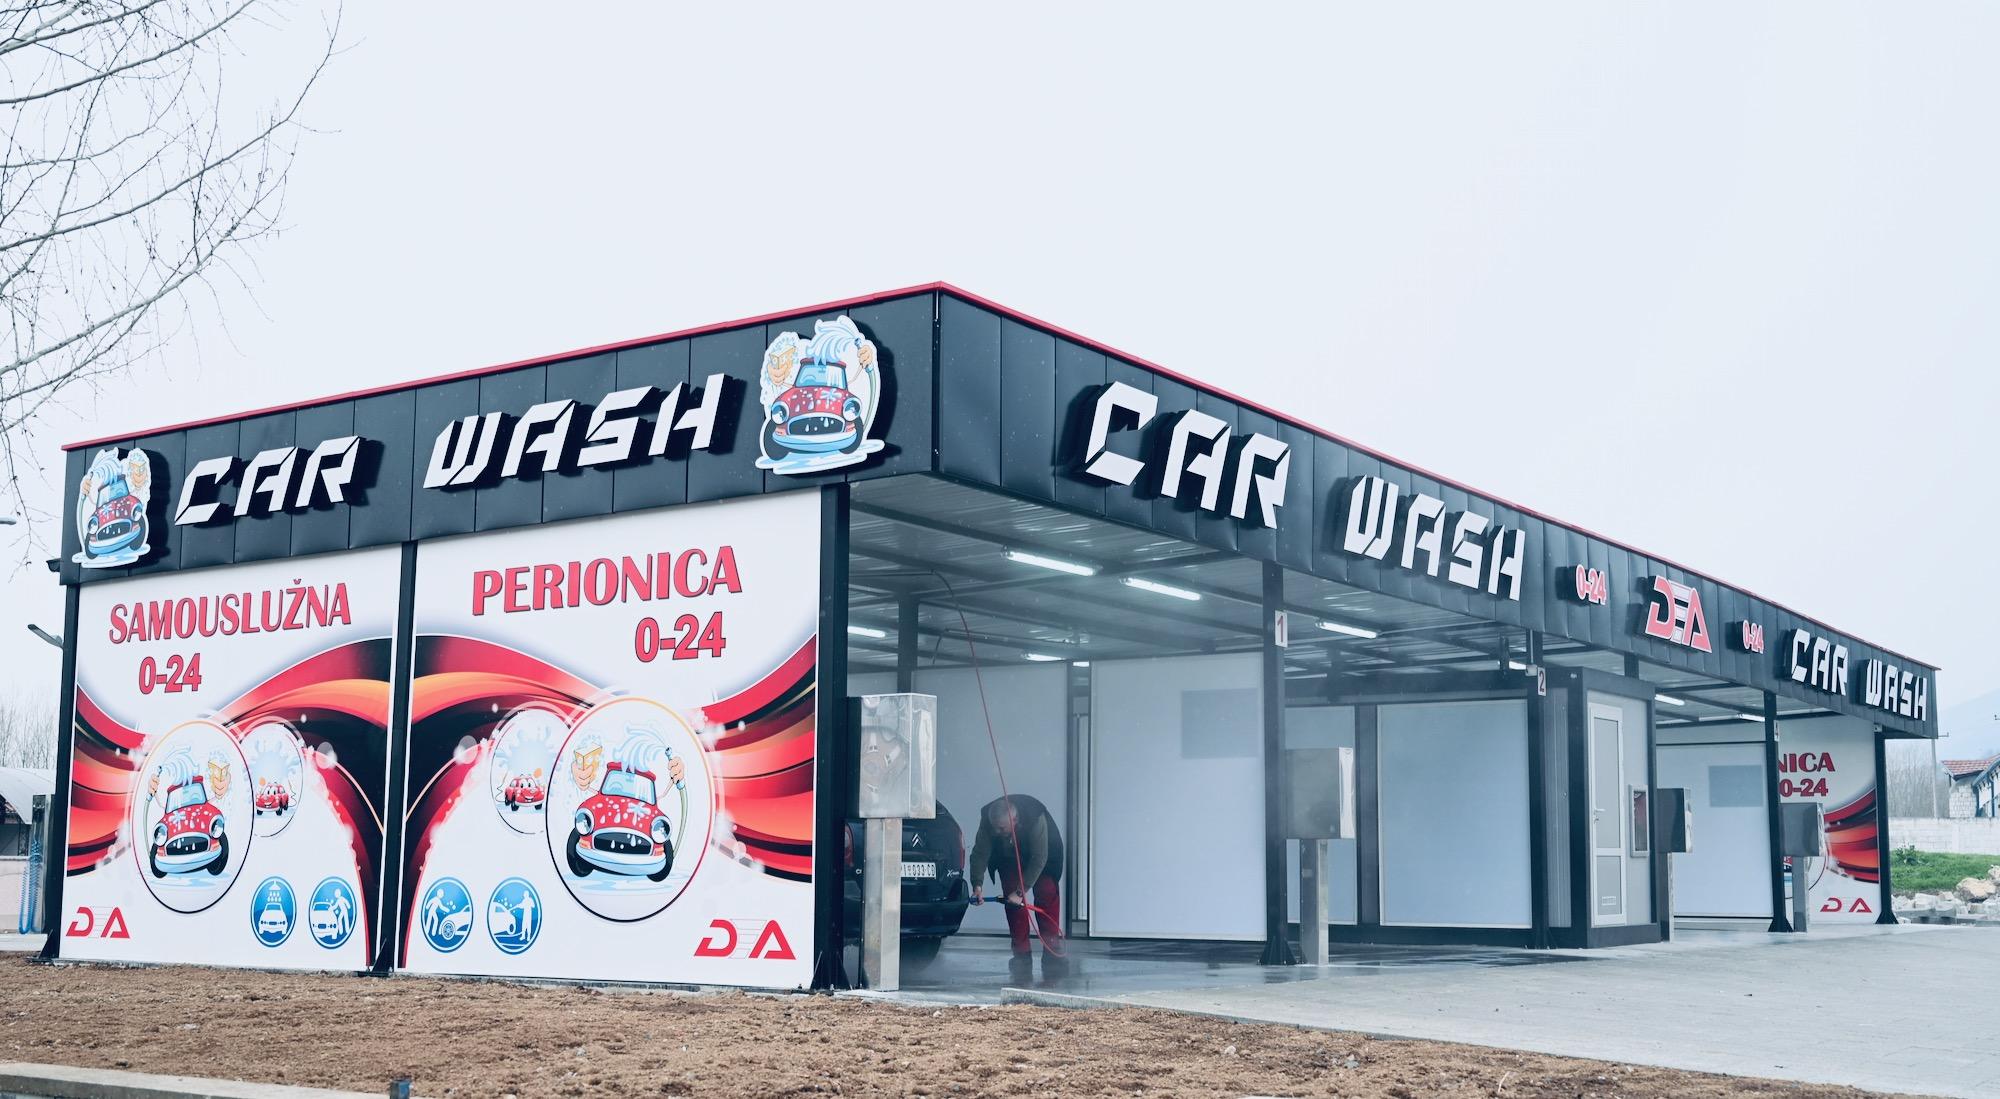 Photo of Samouslužna perionica DEA Car Wash počela sa radom. Najjeftinije pranje auta u gradu. Uskoro na jednom mestu i restoran, prvi auto-plac u gradu